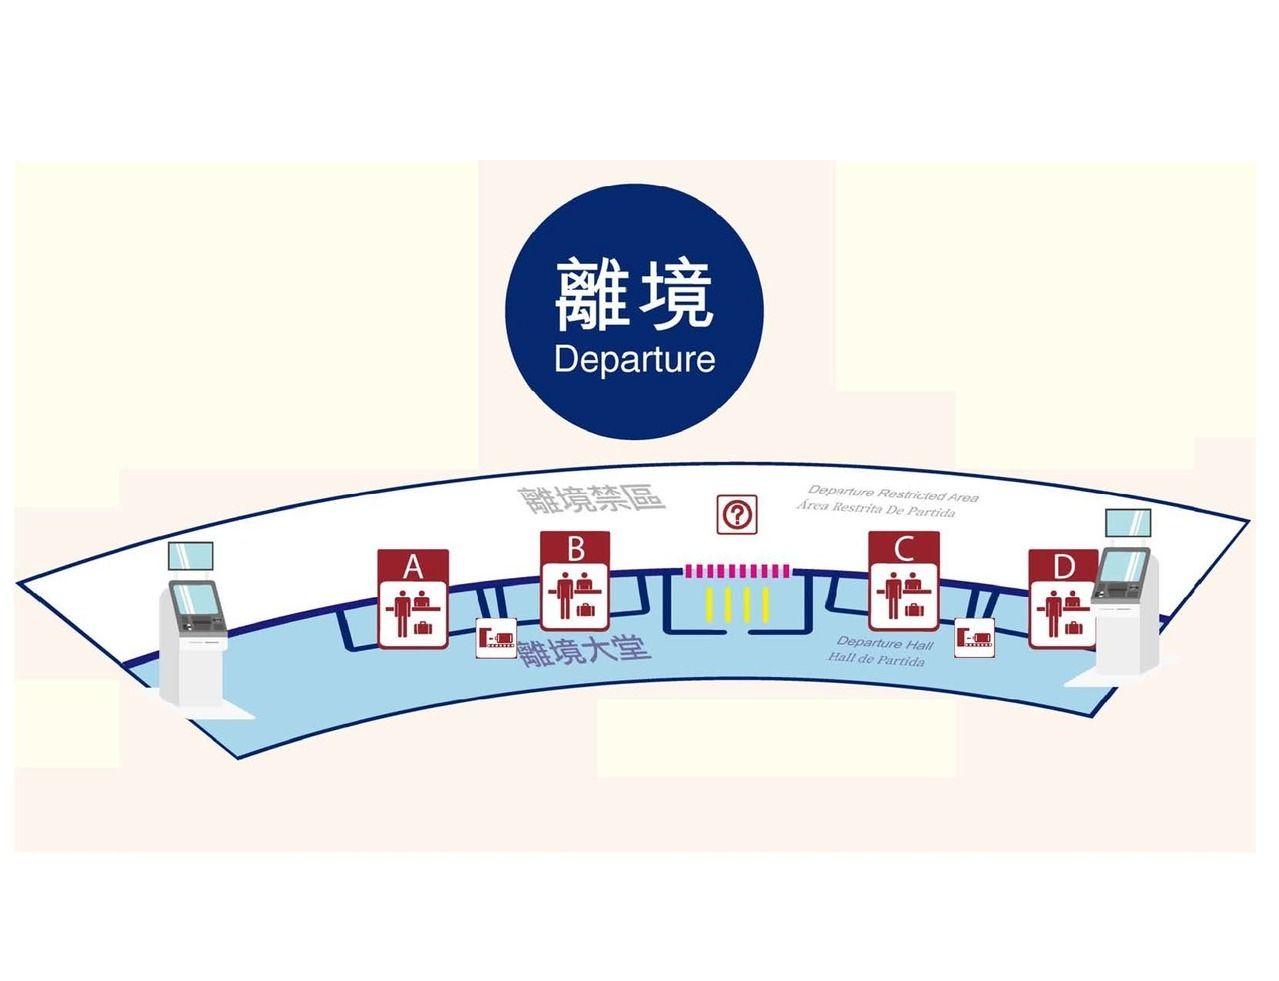 澳门国际机场将实施托运行李新程序